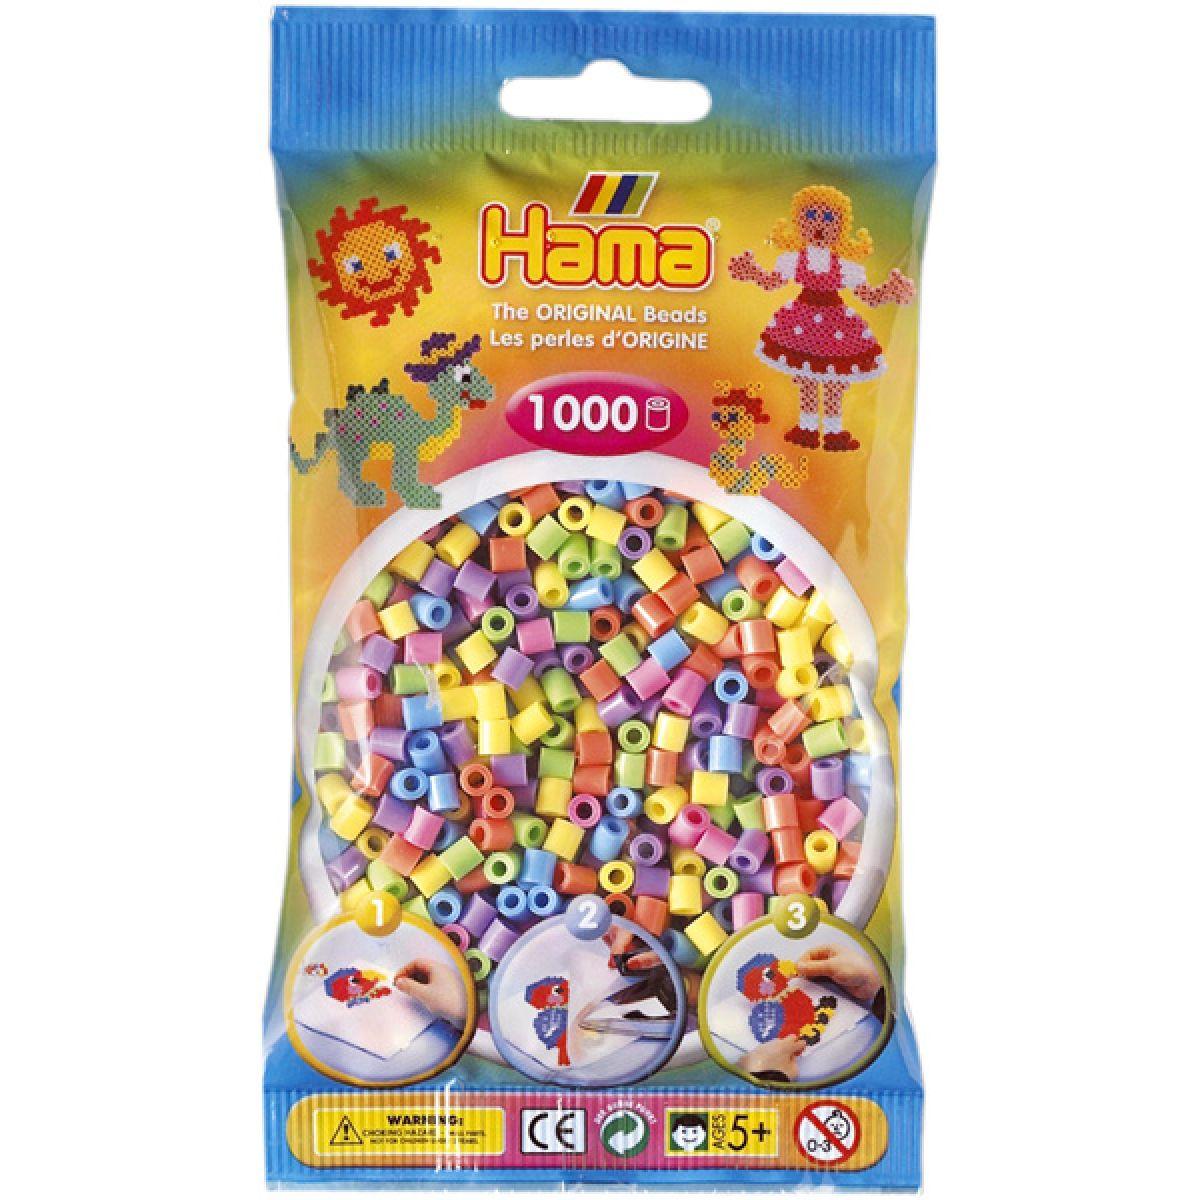 Hama H207-50 Zažehlovací korálky Midi mix 1000 ks